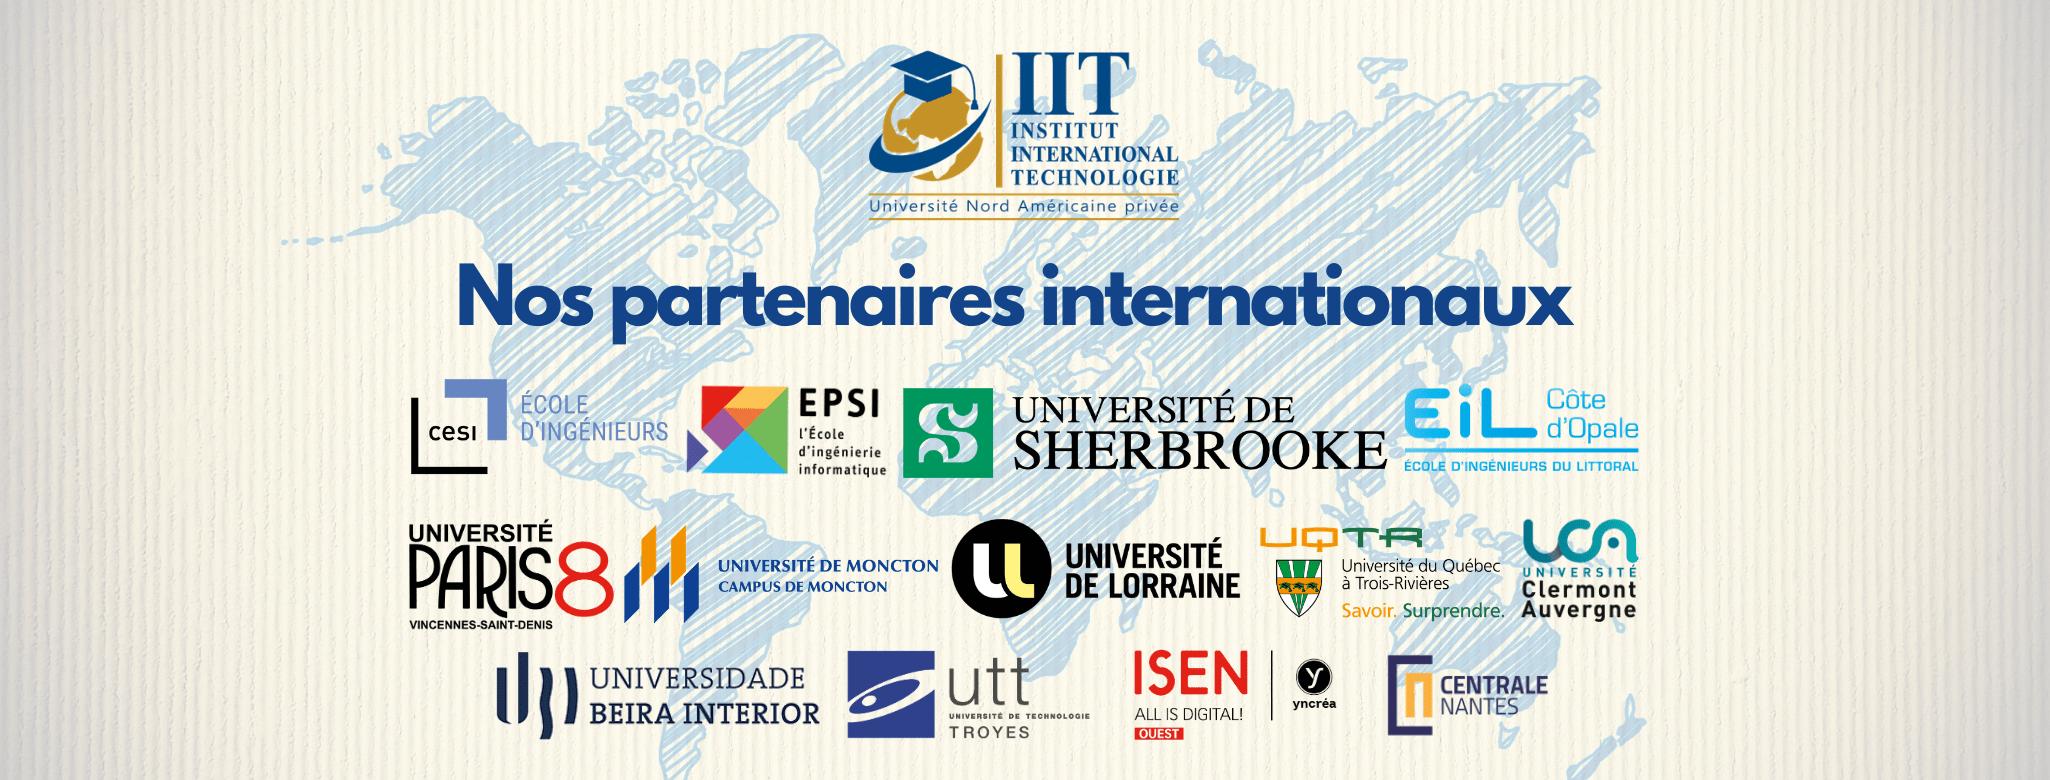 L'étranger, une composante importante de la formation universitaire à l'IIT